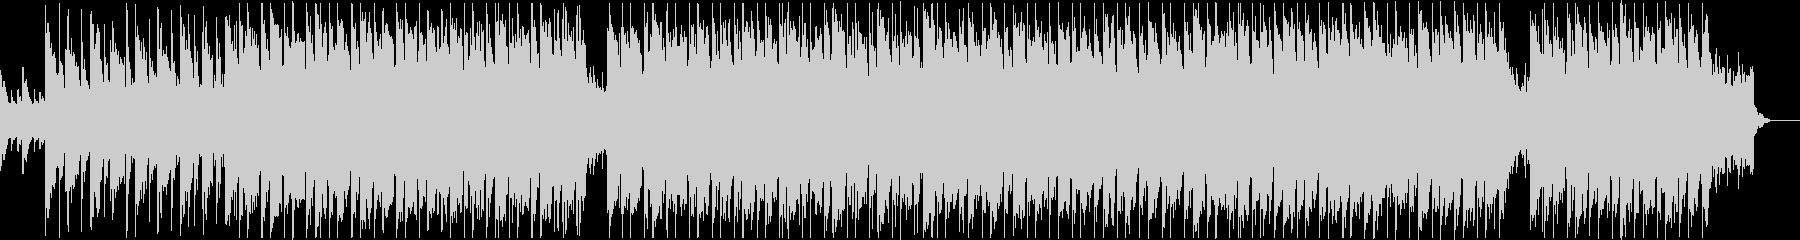 ギターシンセのメローなアンビエントBGMの未再生の波形